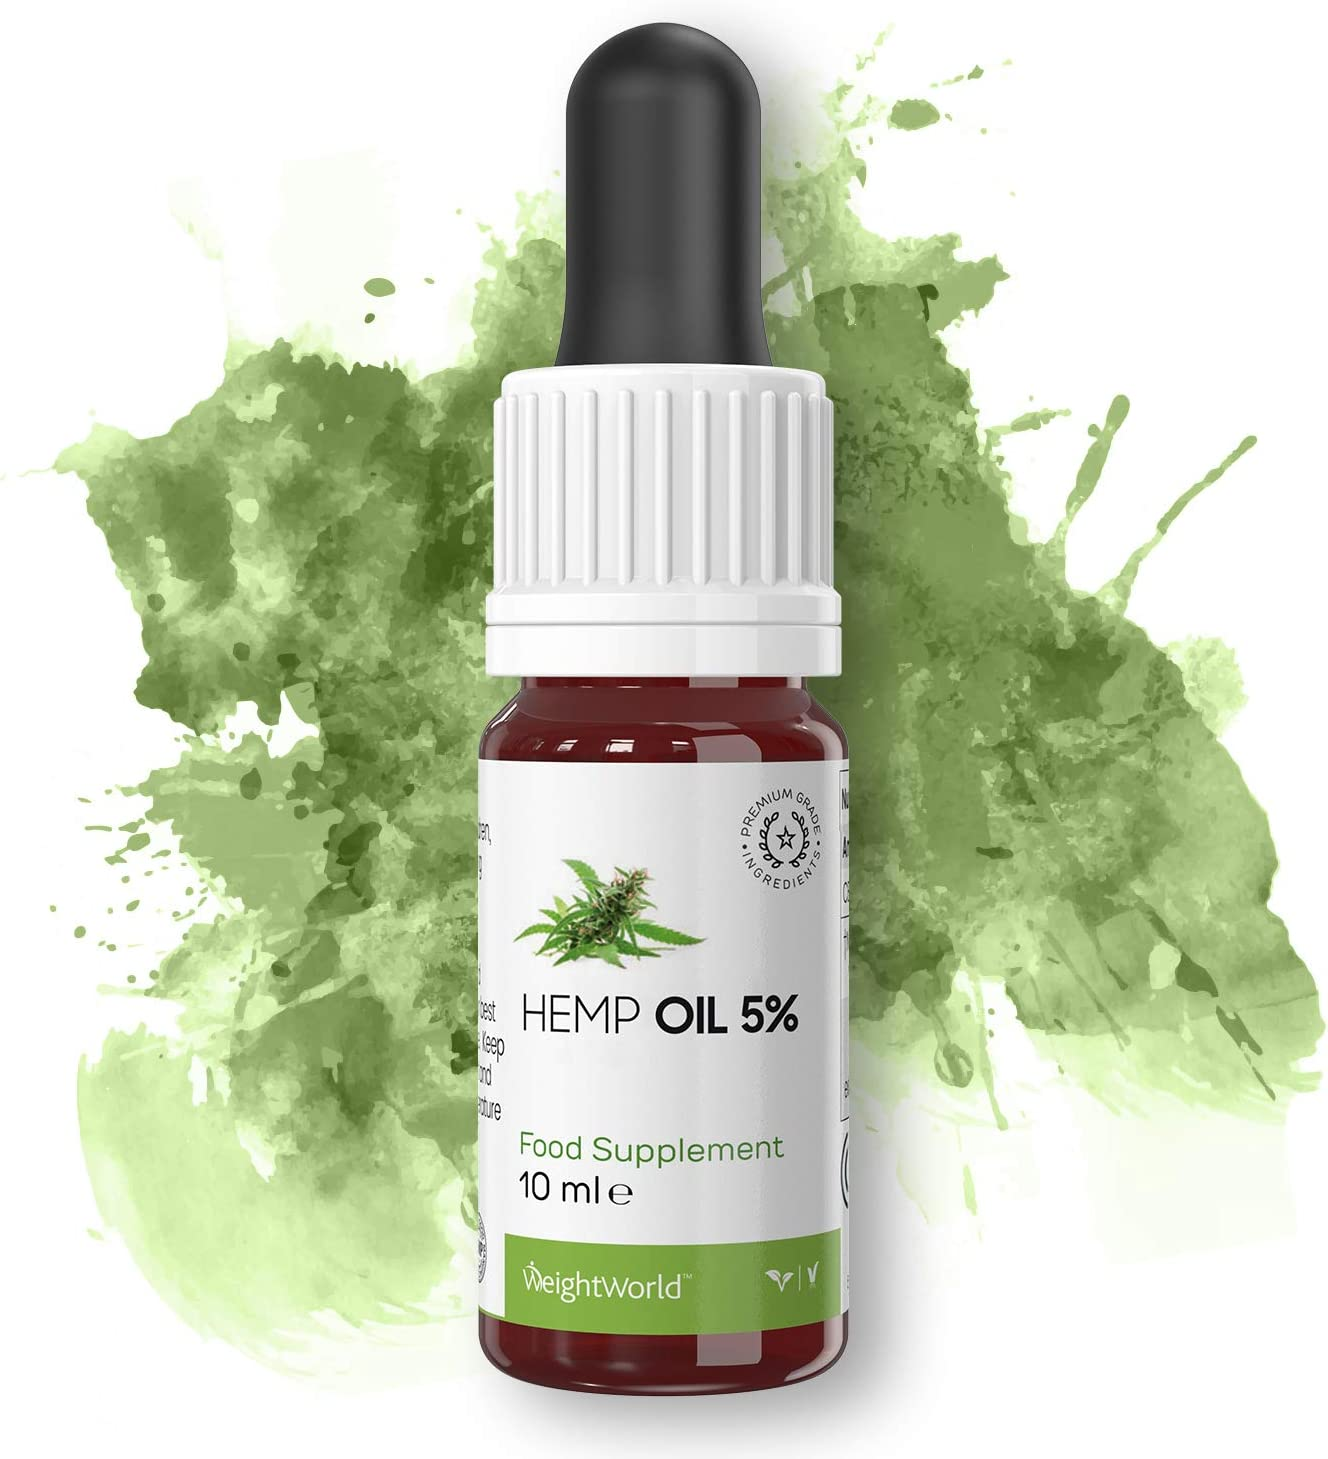 Suplemento Hemp Oil | Suplemento de Aceite de Semillas de Cáñamo para el Bienestar y Salud General | Ayuda con Estrés, Ansiedad y a Aliviar Dolor Muscular y de Articulaciones | 10 ml | WeightWorld